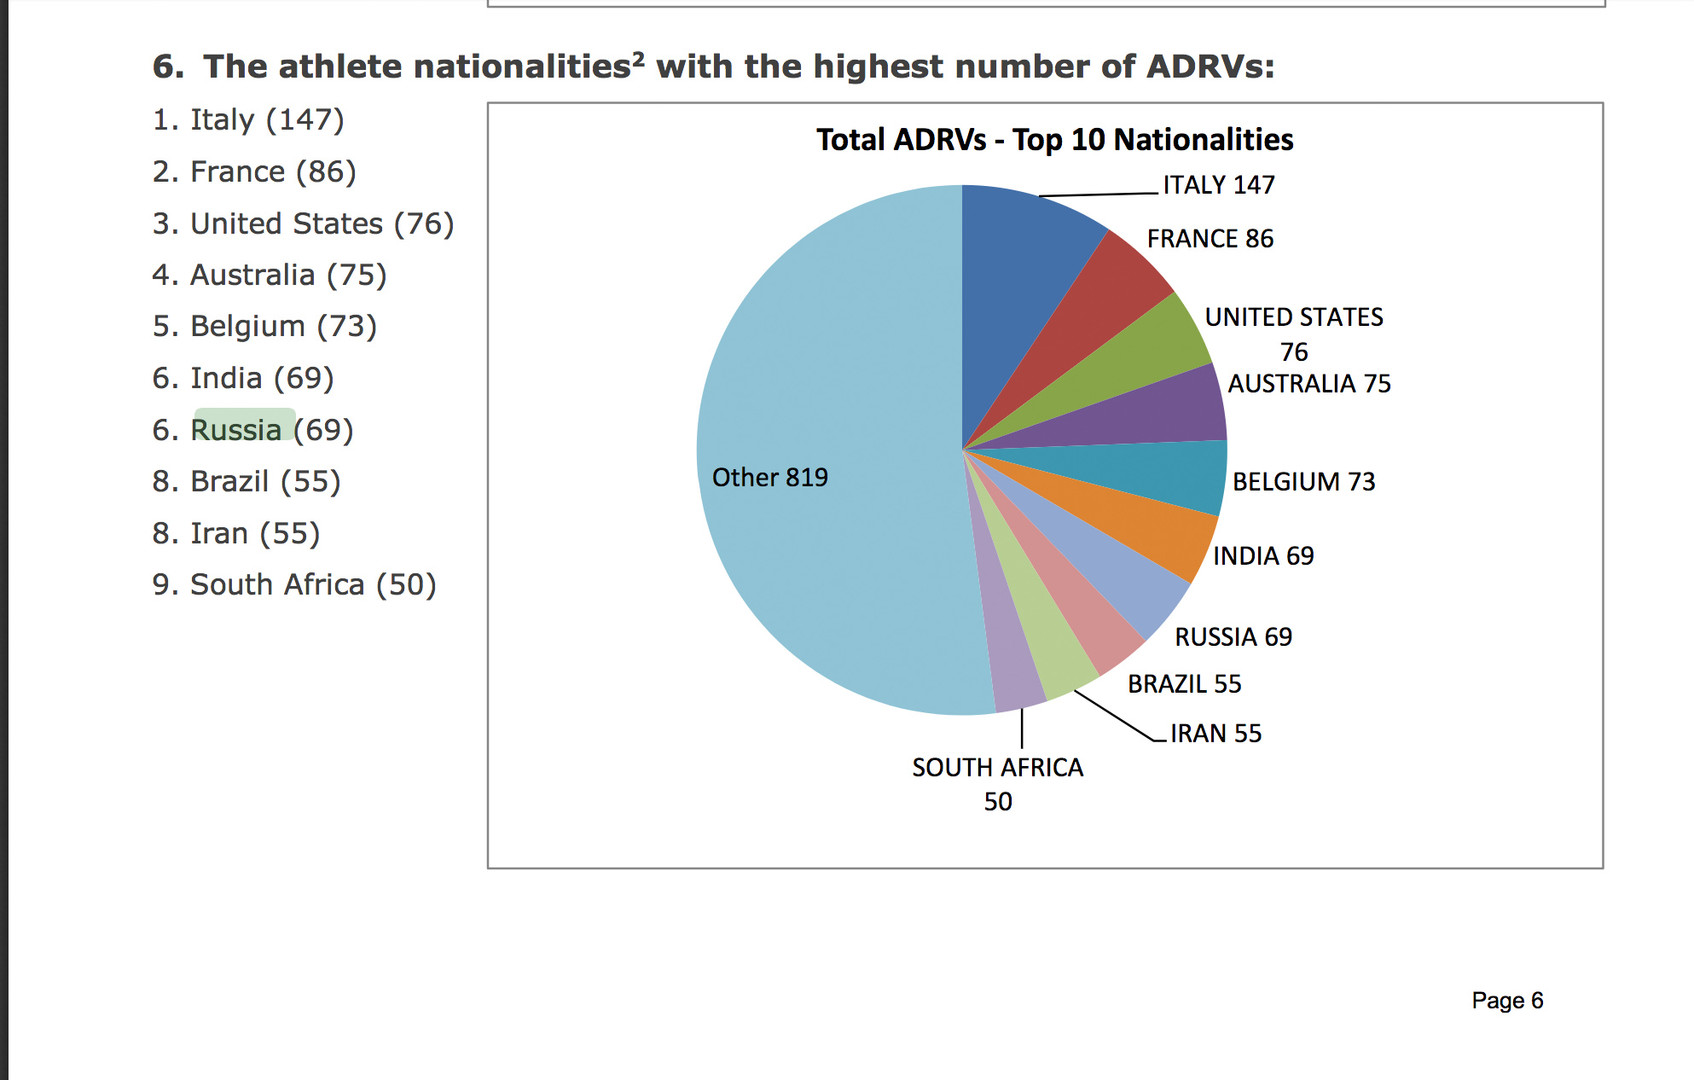 Die wahren Doping-Champions laut WADA-Liste: Italien, Frankreich, USA